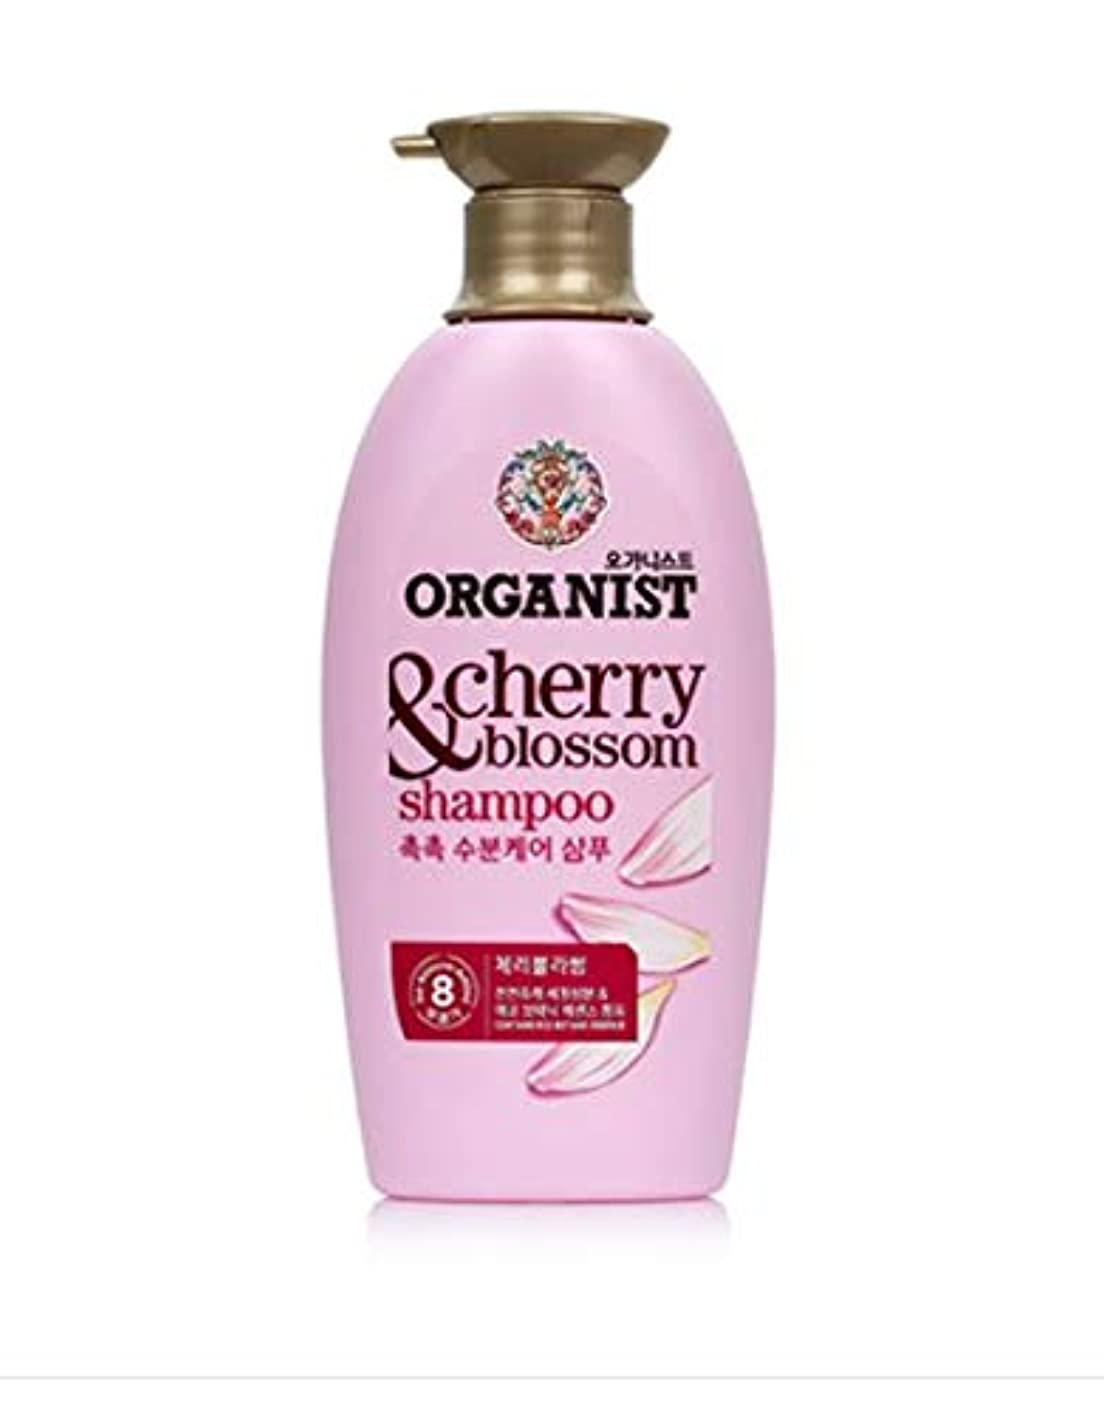 展望台出口鑑定オーガニスト (ORGANIST)チェリーブロッサムシャンプー500ml/ ORGANIST Cherry Blossom Hydrating Shampoo 500ml [並行輸入品]